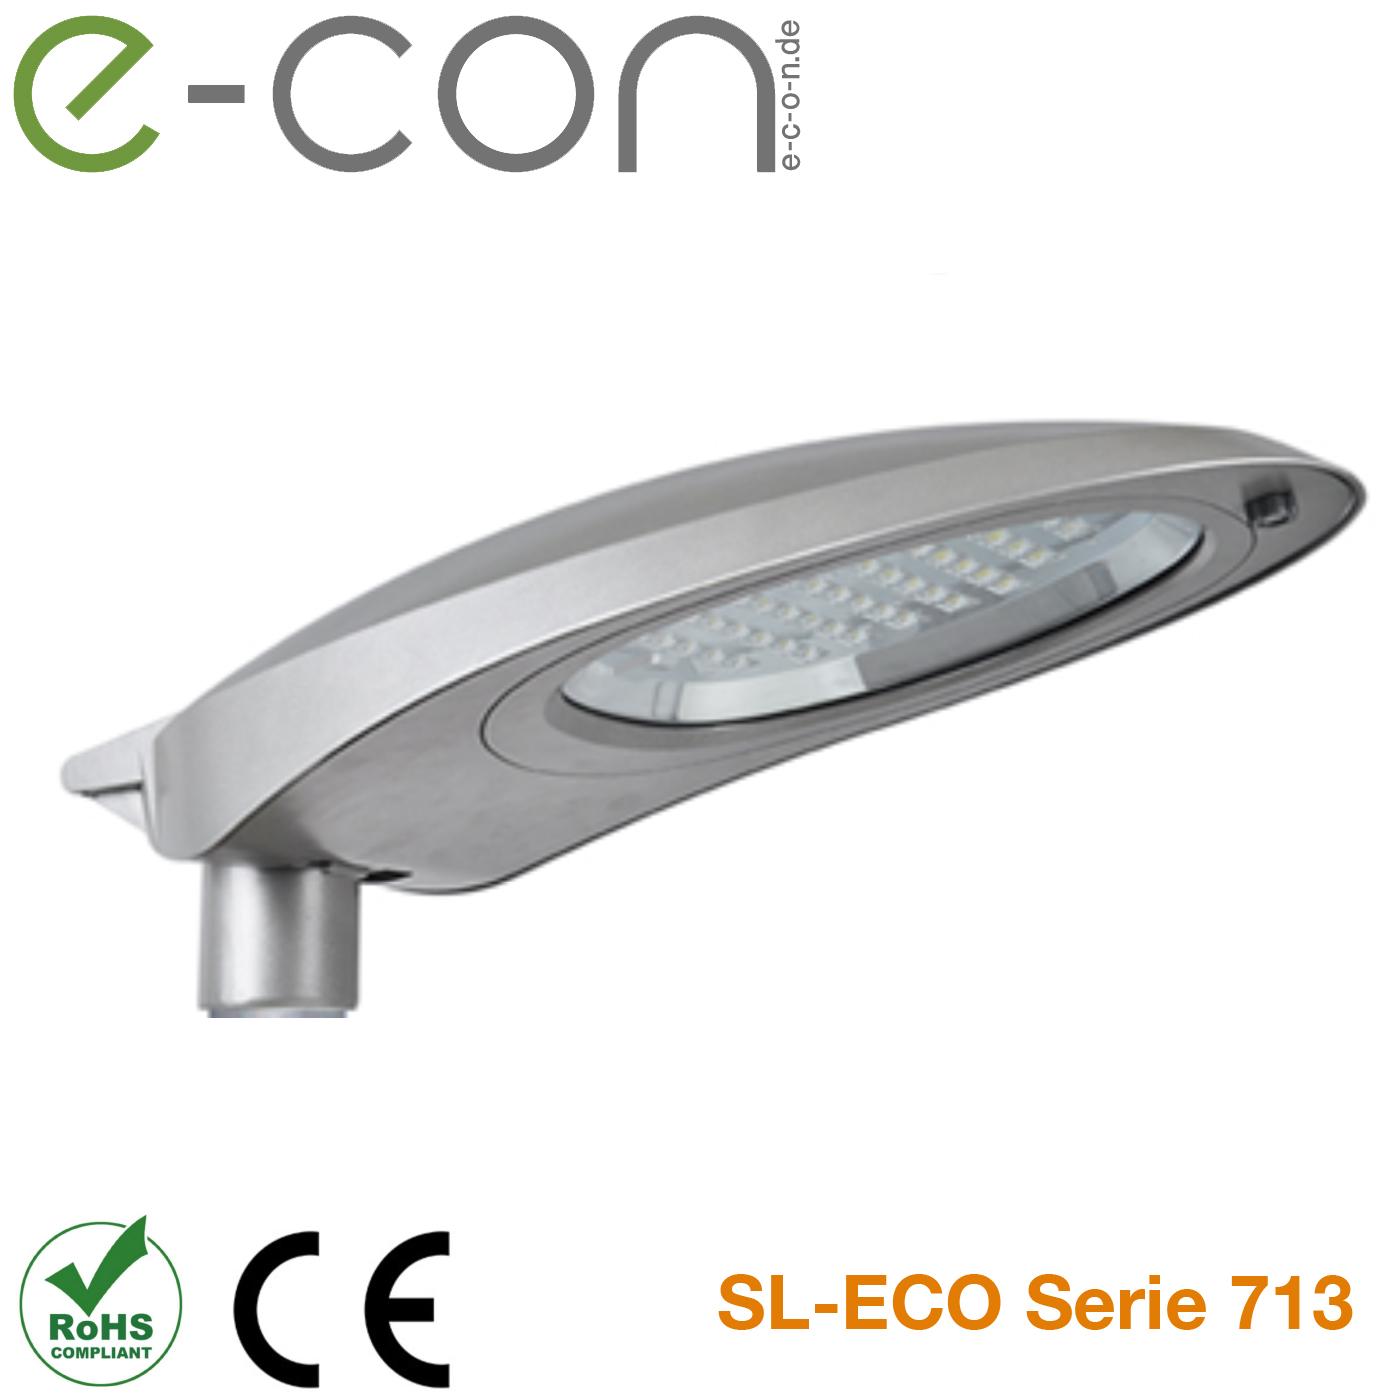 SL-ECO Serie 713